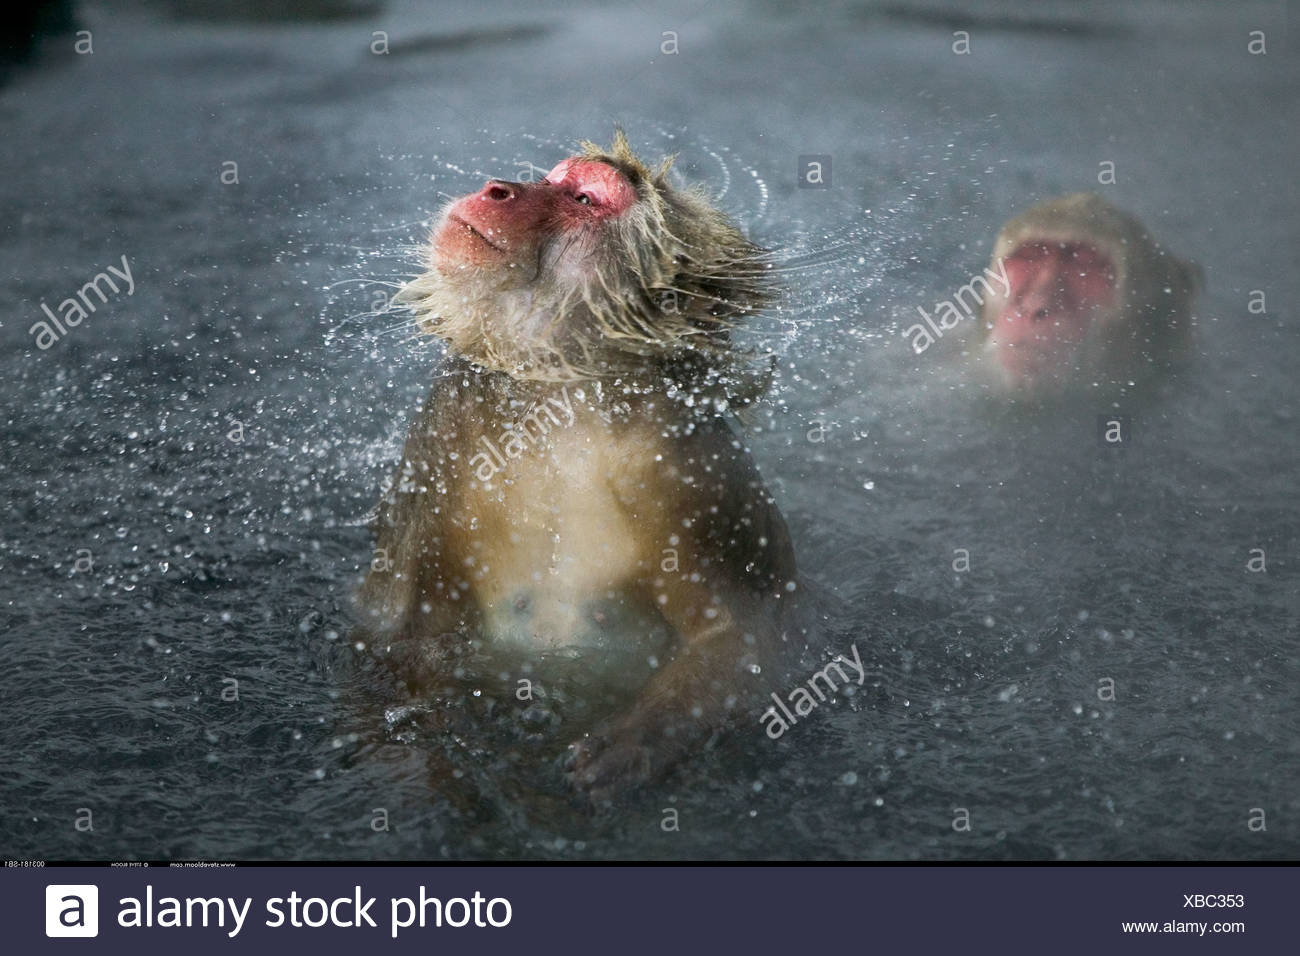 Snow monkey shaking off water Jigokudani National Park Japan - Stock Image